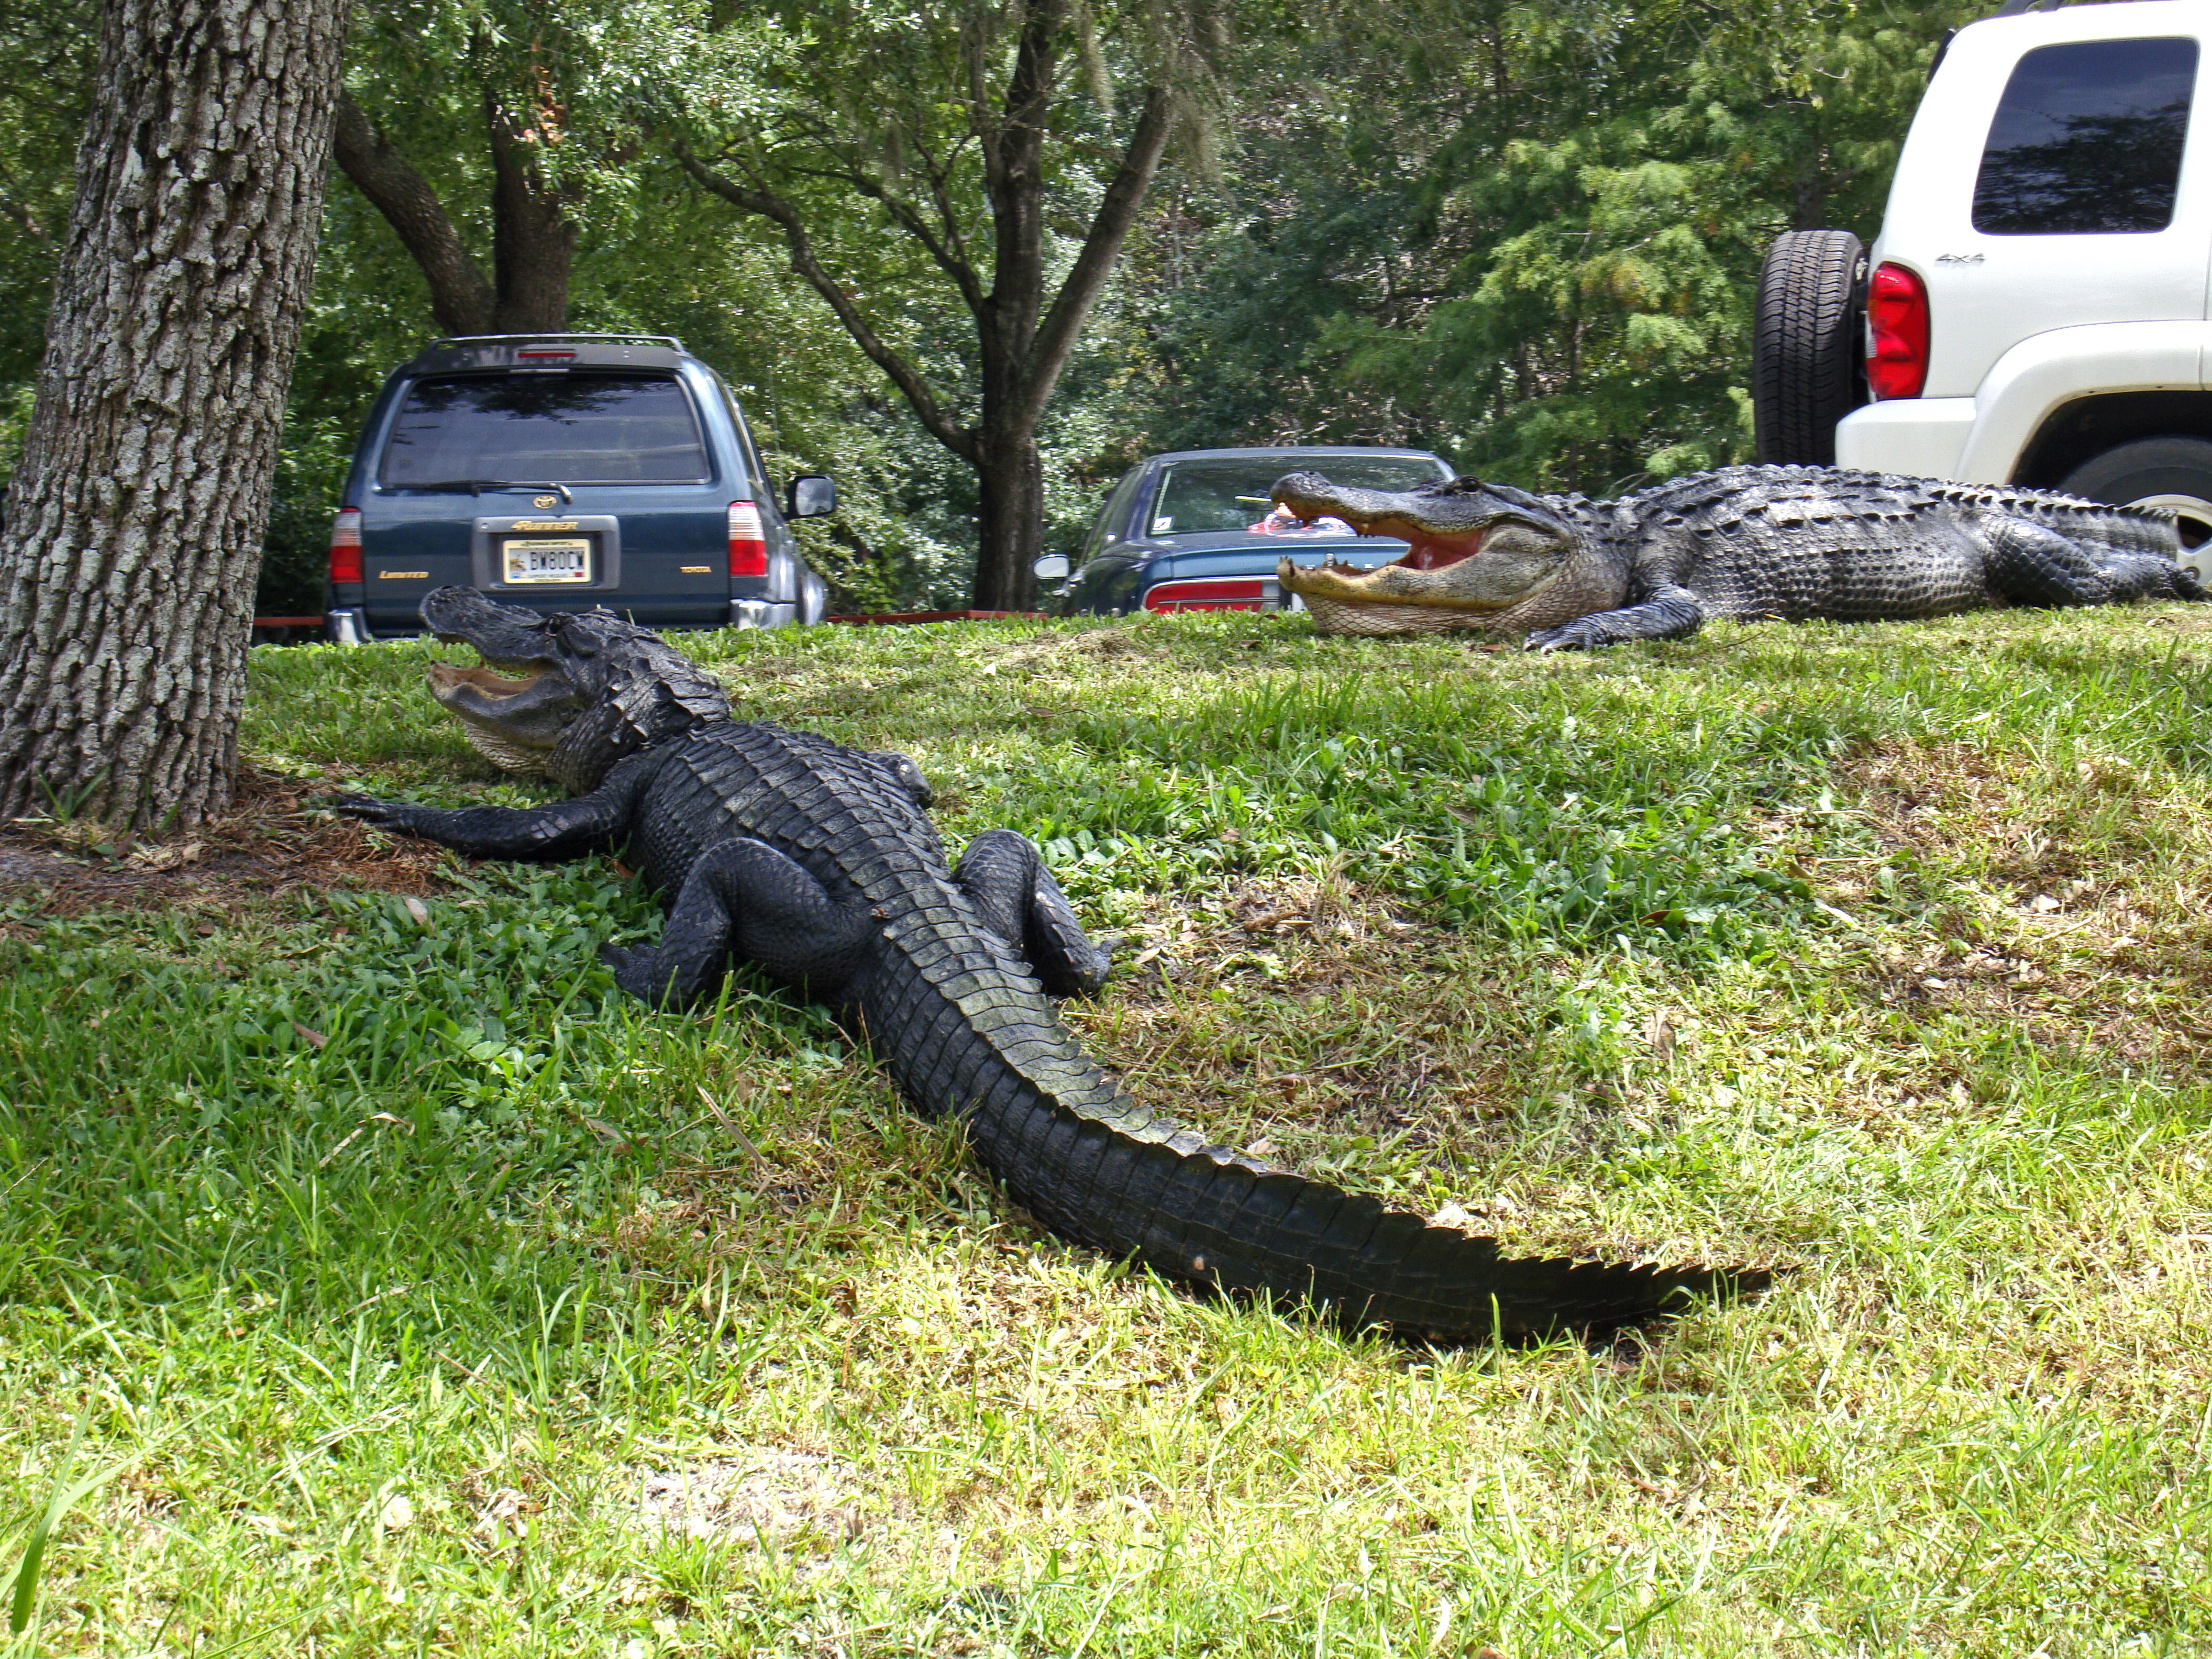 Okefenokee Swamp Alligator Tours